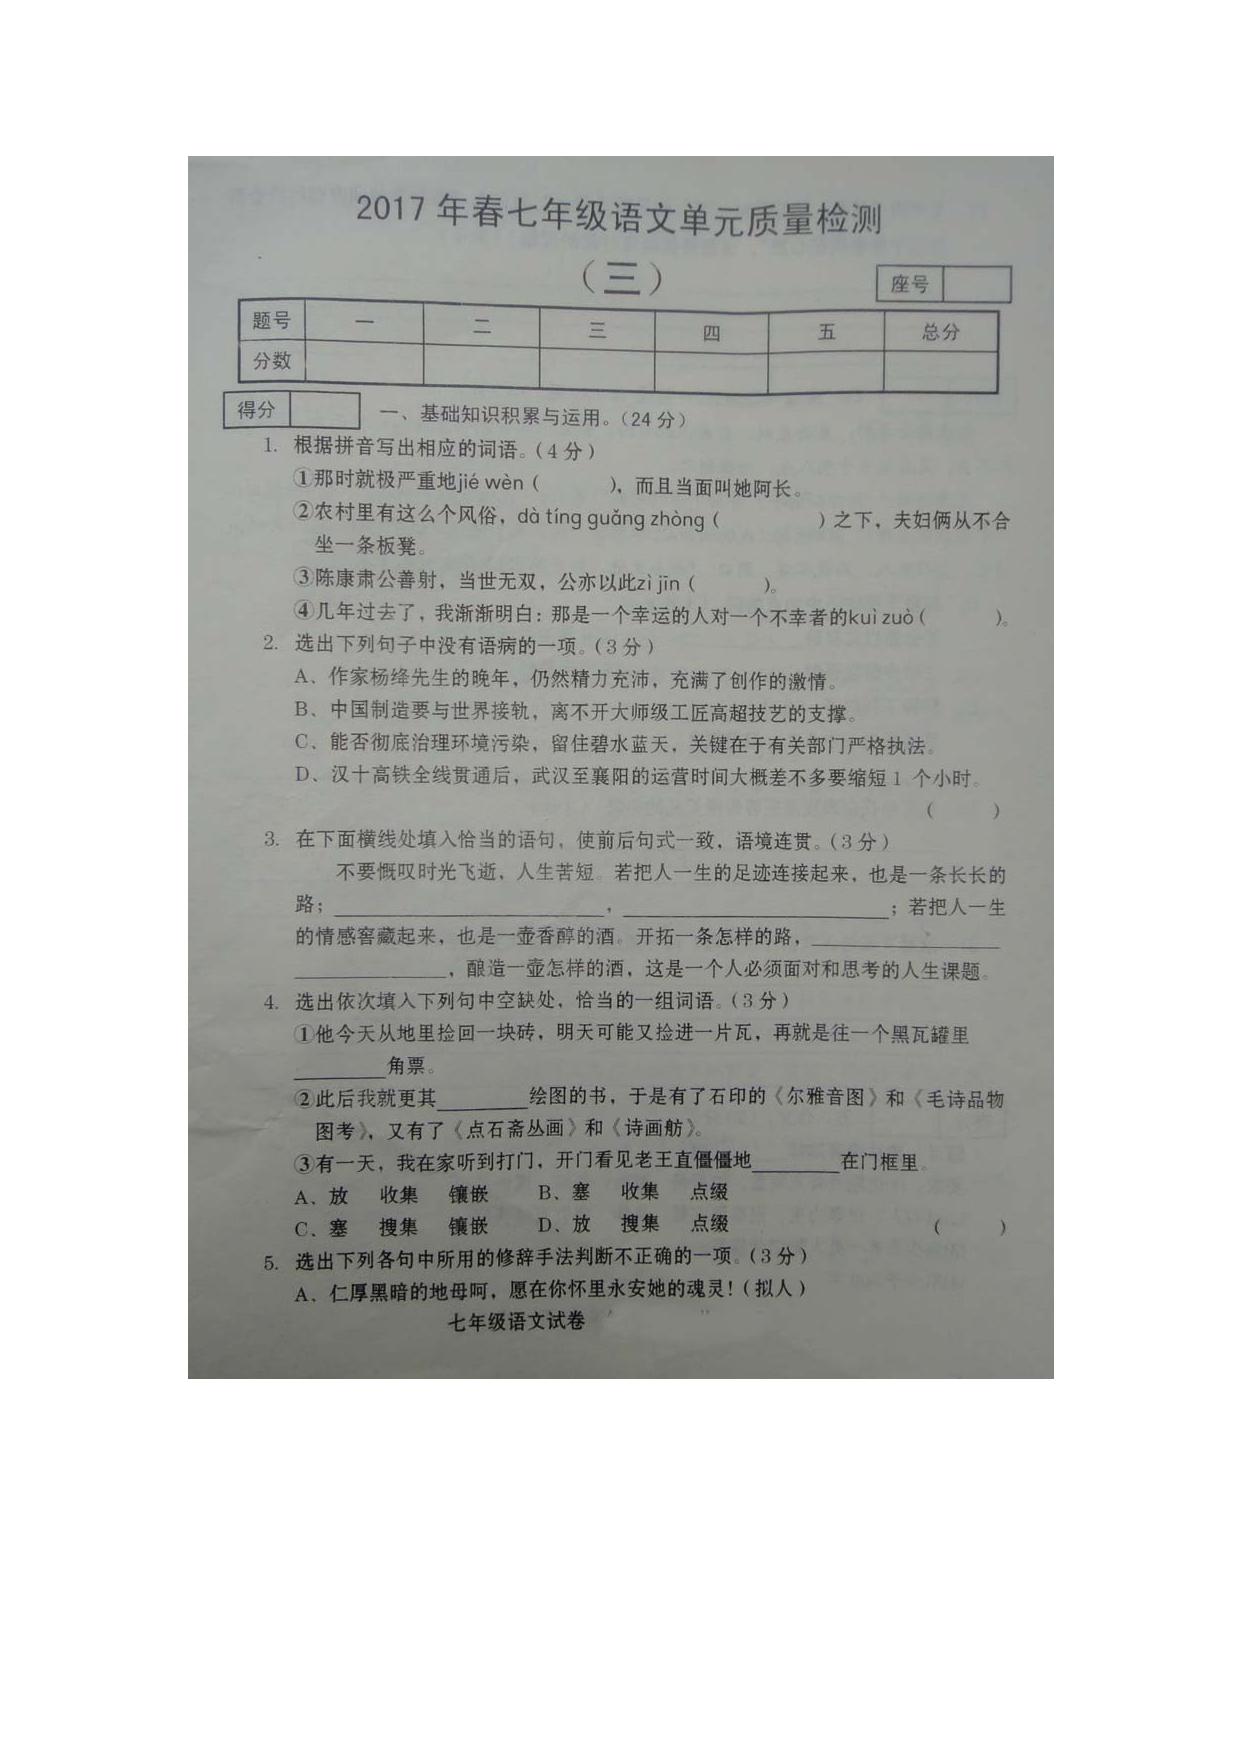 河南柘城实验中学2017年人教版七年级下语文质量检测第三单元试题(图片版)